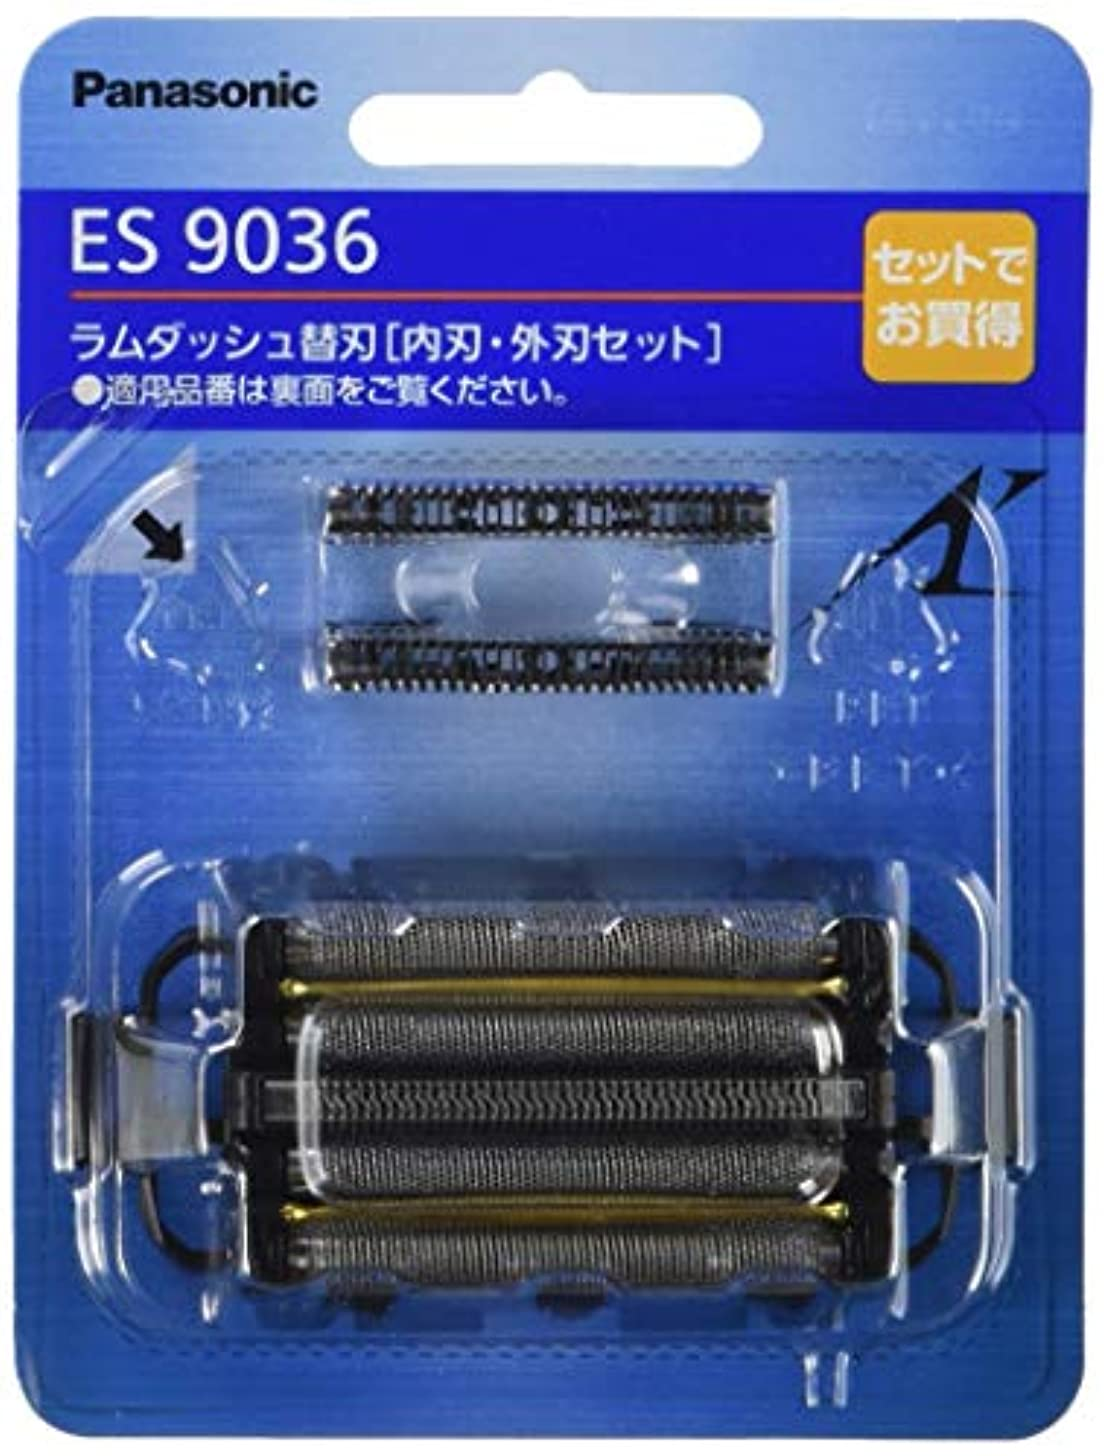 パナソニック 替刃 メンズシェーバー用 セット刃 ES9036